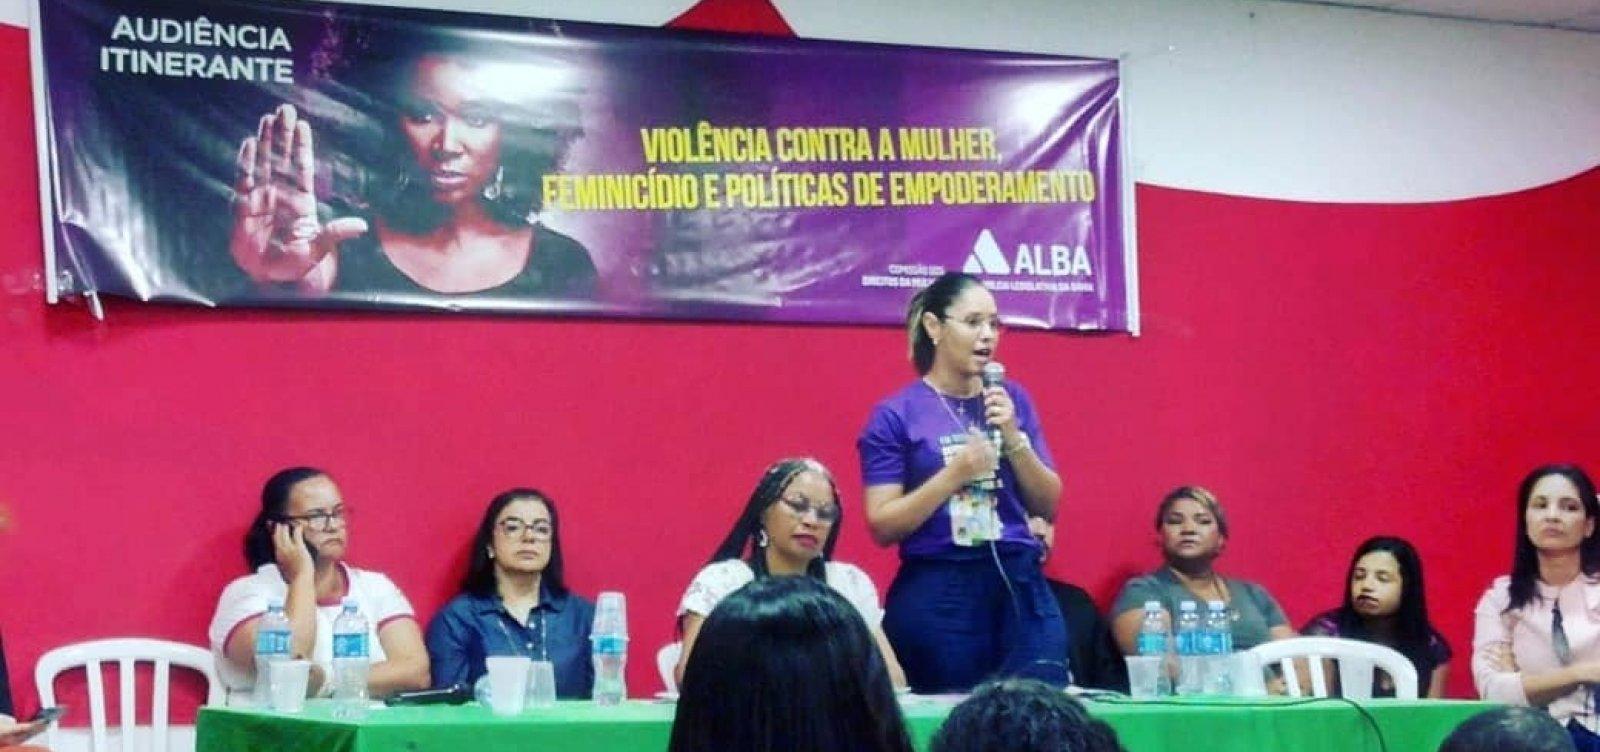 Audiência discute violência contra mulher e empoderamento em Valença